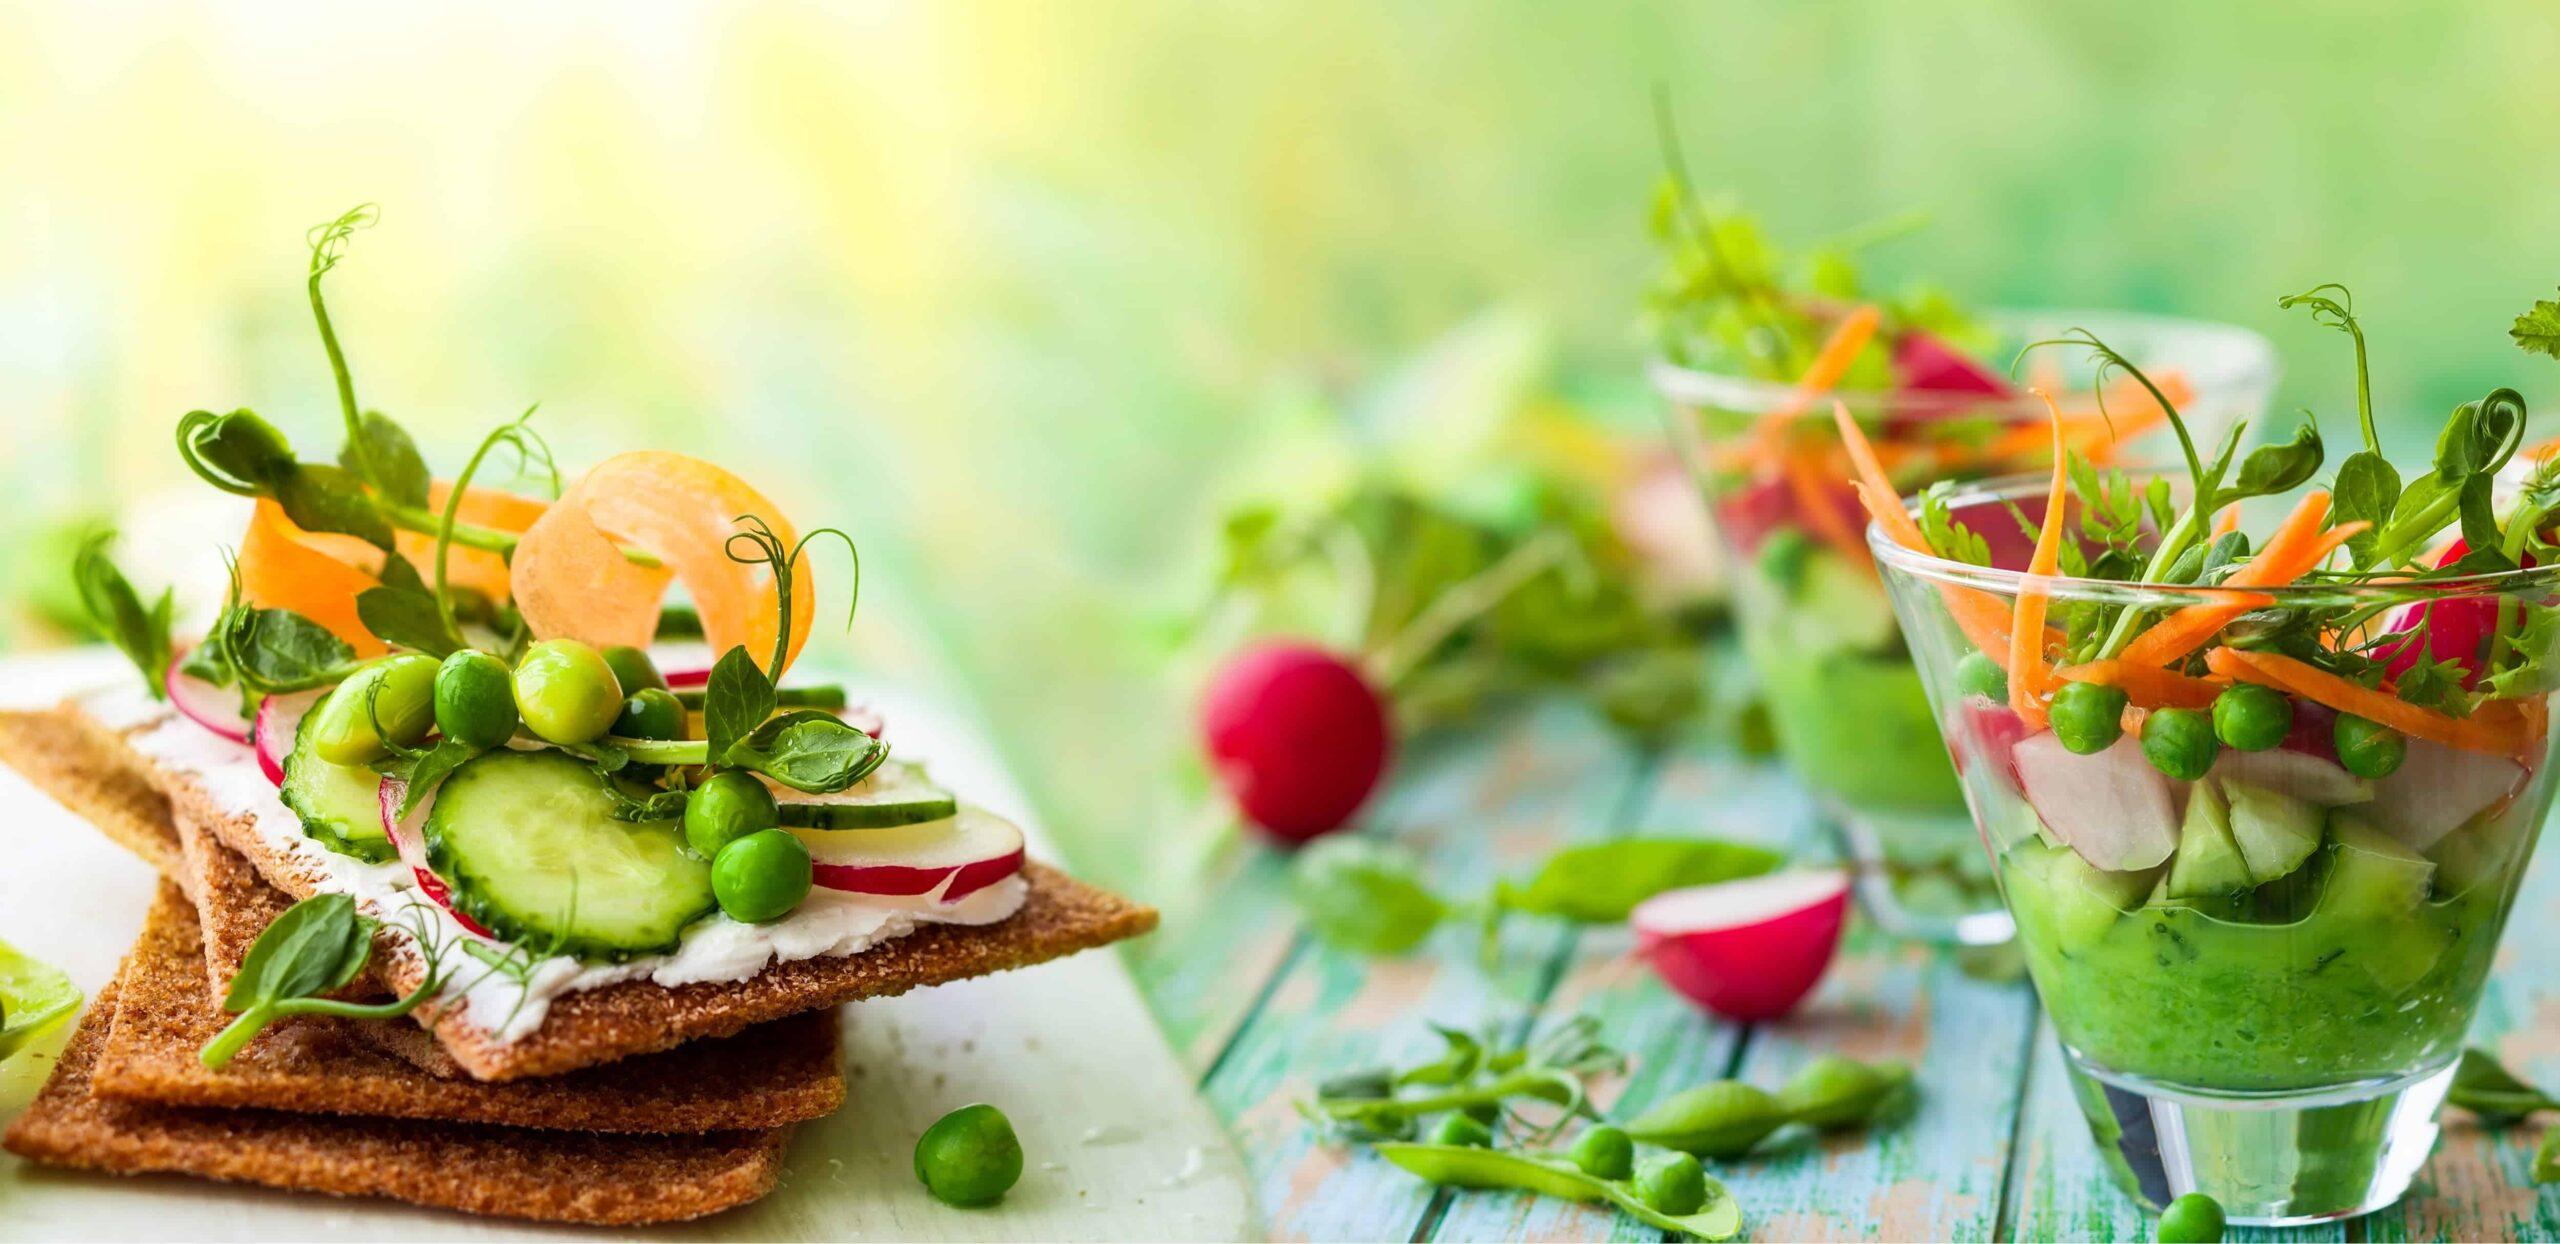 dieta a base di frutta e verdura per dimagrire